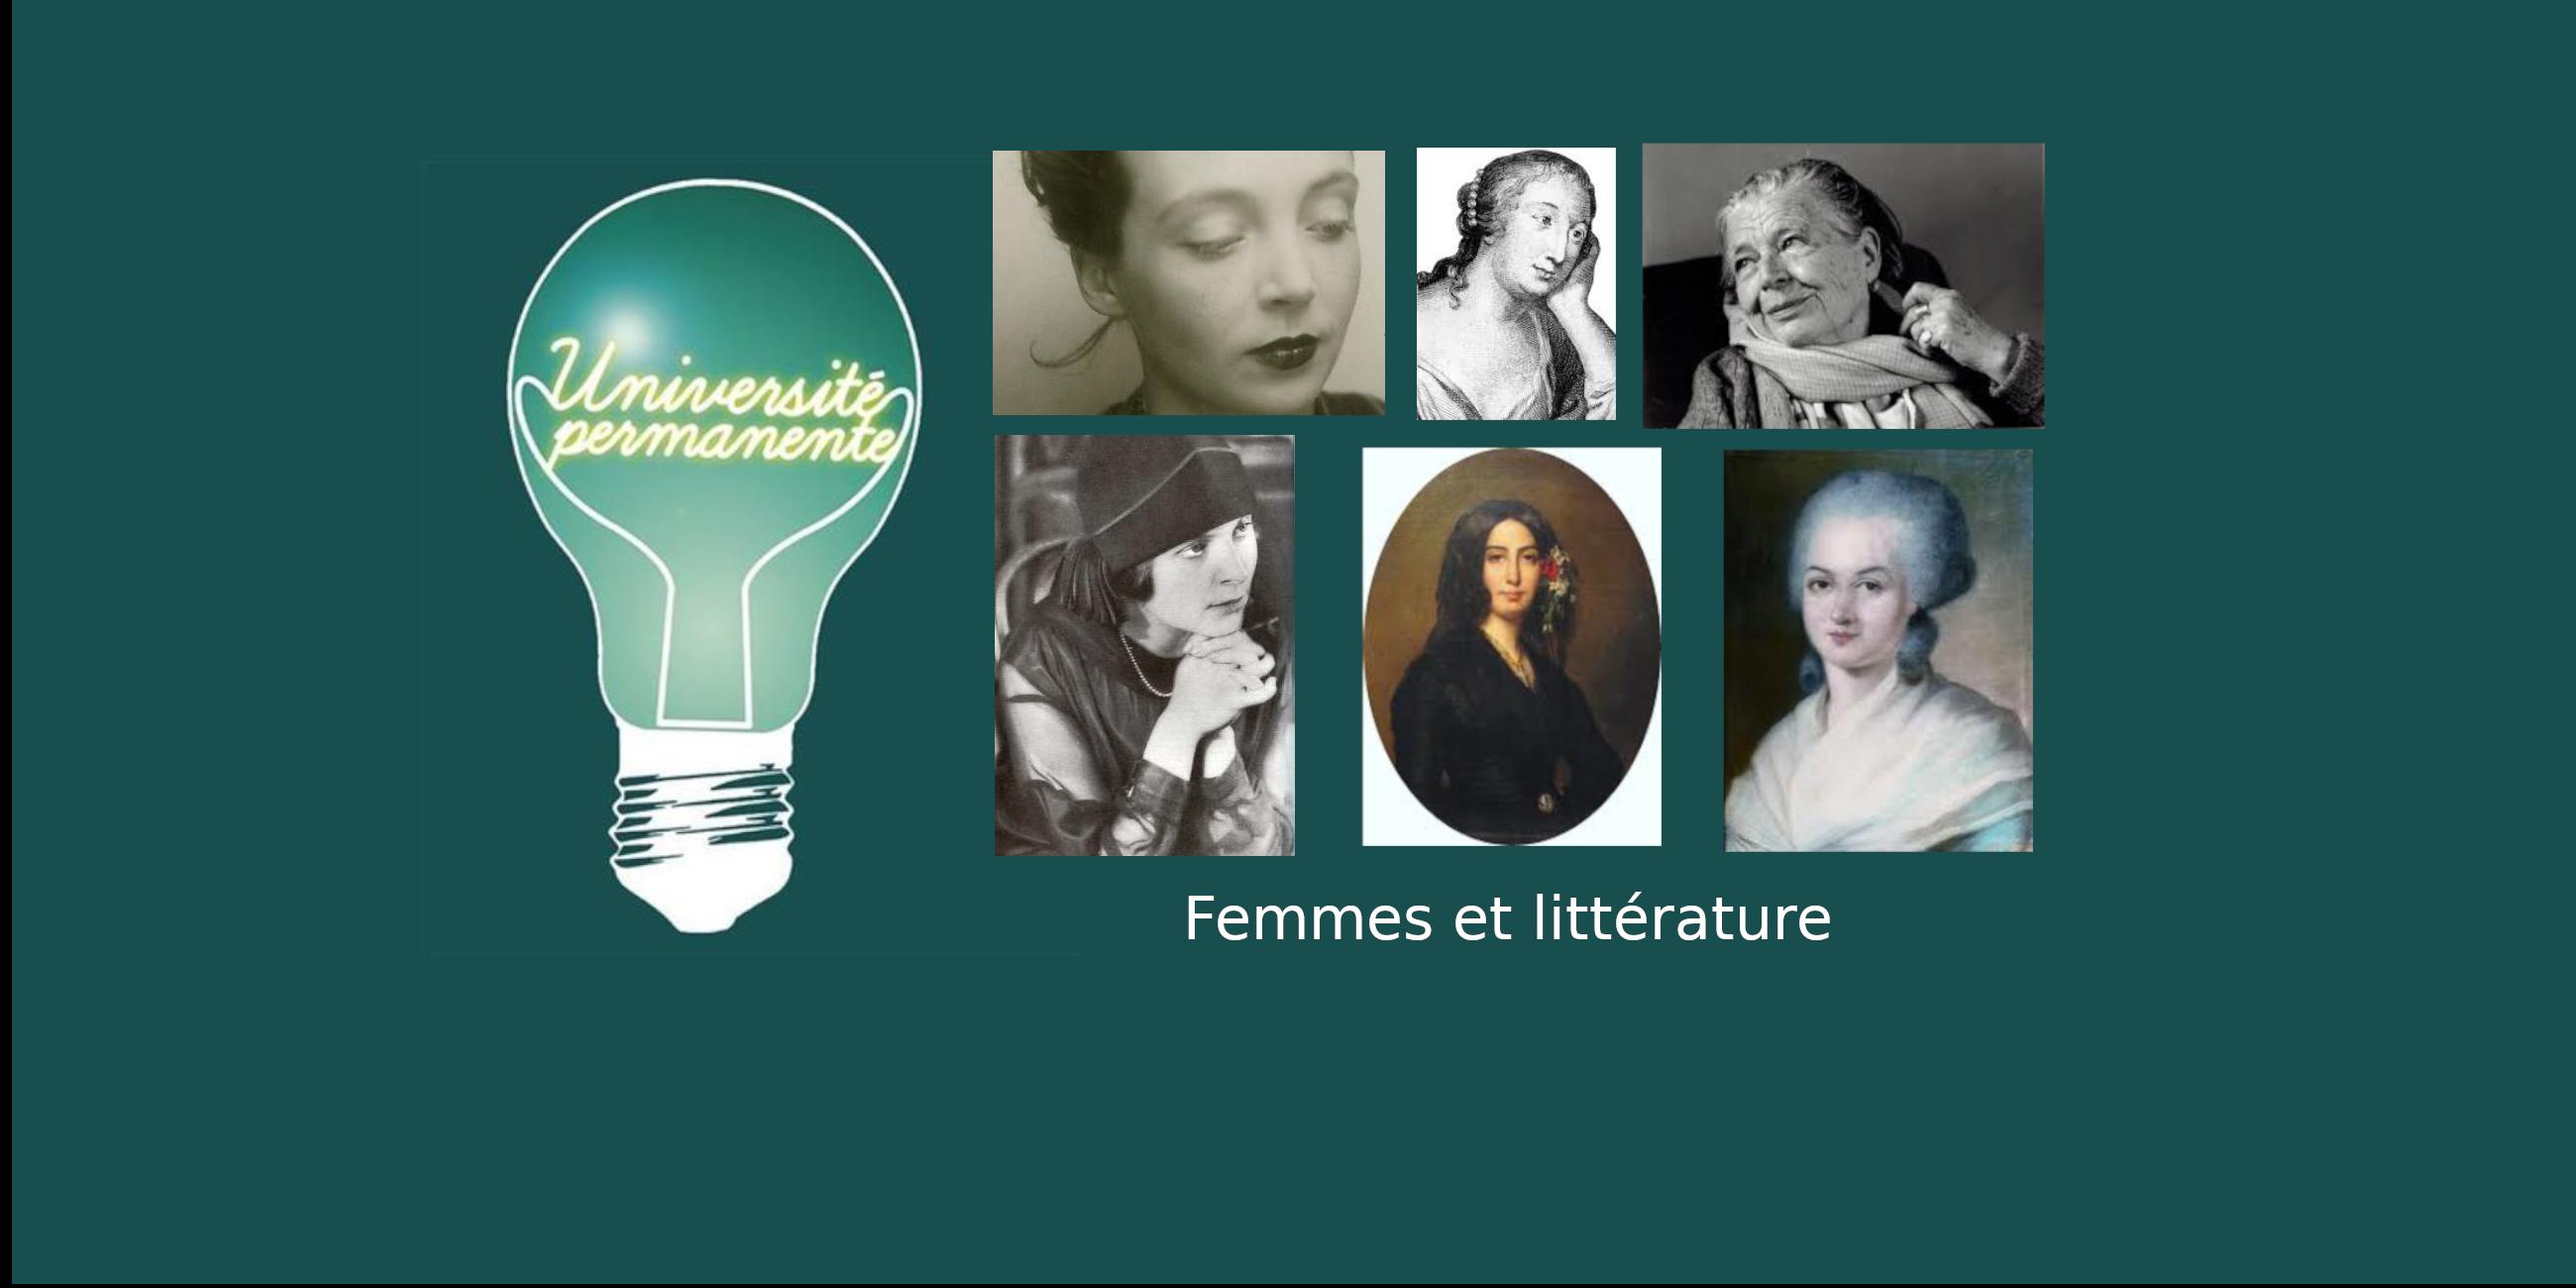 Prochaine séance : Table ronde sur les écritures féminines contemporaines, avec Aurélia Lassaque, Marie de Quatrebarbes et Katia-Sofia Hachim – 10 mars à 19 h